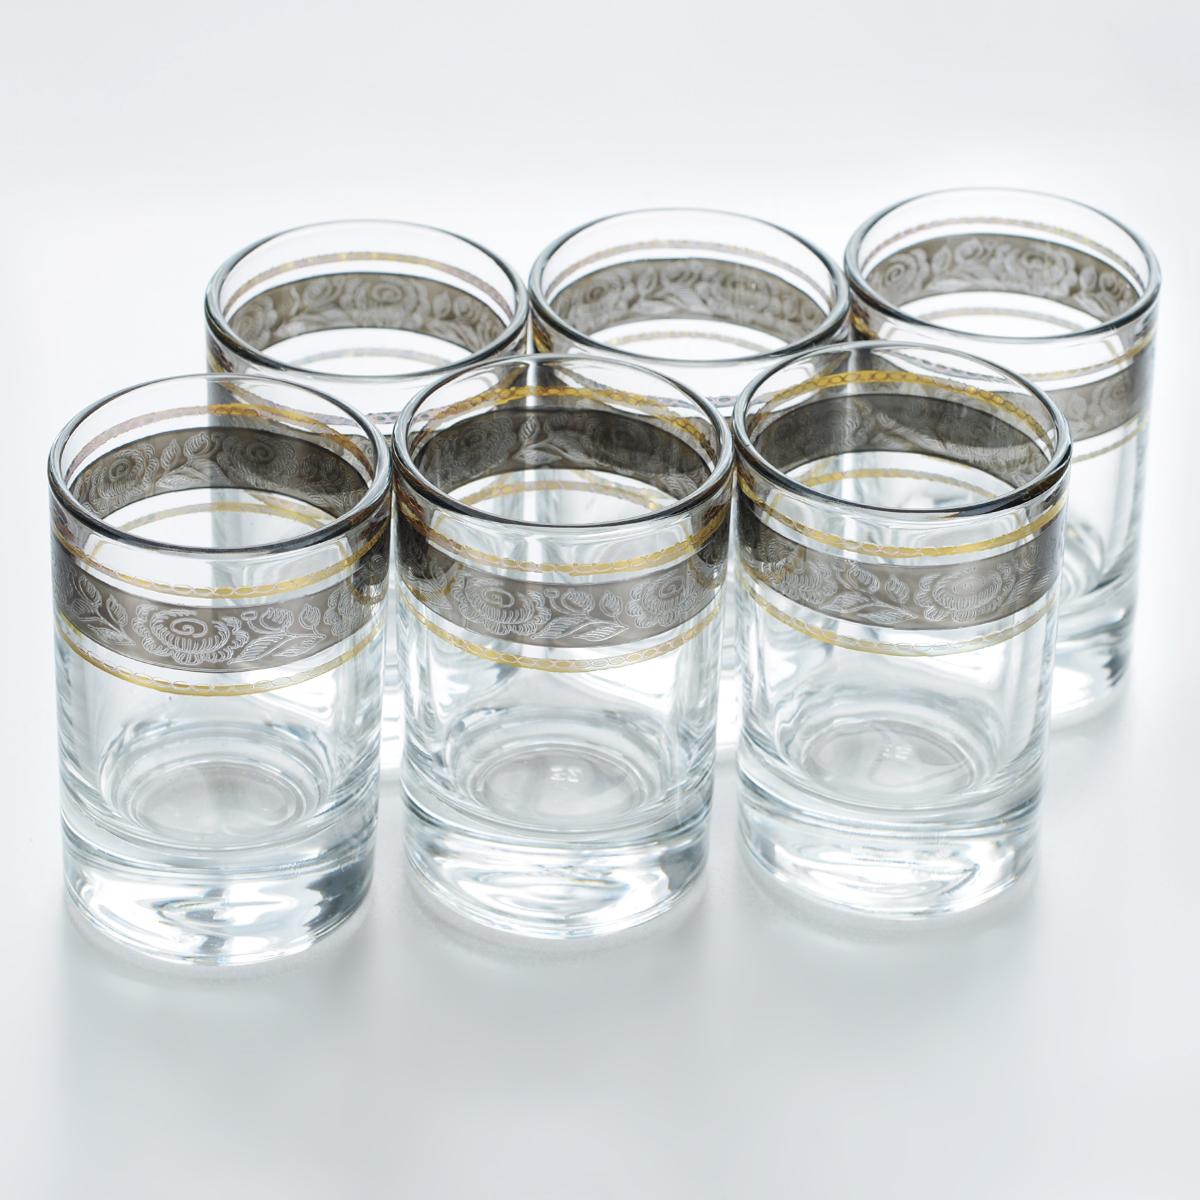 Набор стопок Гусь-Хрустальный Первоцвет, 60 мл, 6 штTL66-837Набор Гусь-Хрустальный Первоцвет состоит из 6 стопок, изготовленных из высококачественного натрий-кальций-силикатного стекла. Изделия оформлены красивым зеркальным покрытием и оригинальной окантовкой с цветочным узором. Такой набор прекрасно дополнит праздничный стол и станет желанным подарком в любом доме. Разрешается мыть в посудомоечной машине. Диаметр стопки (по верхнему краю): 4,5 см. Высота стопки: 6,6 см.